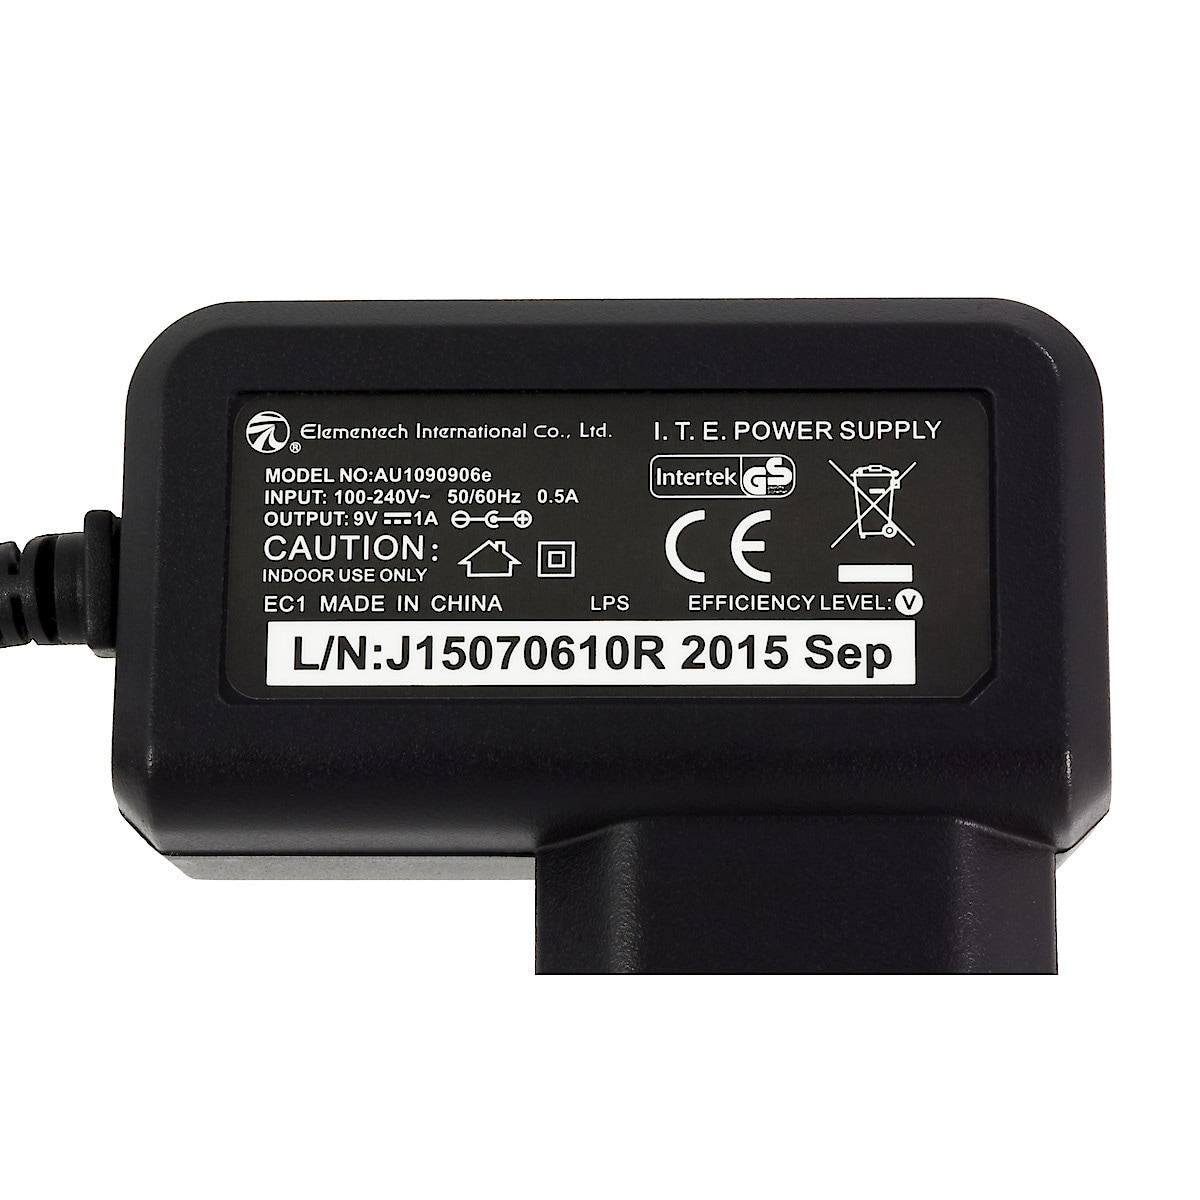 Nätadapter Electia 9 V/1 A